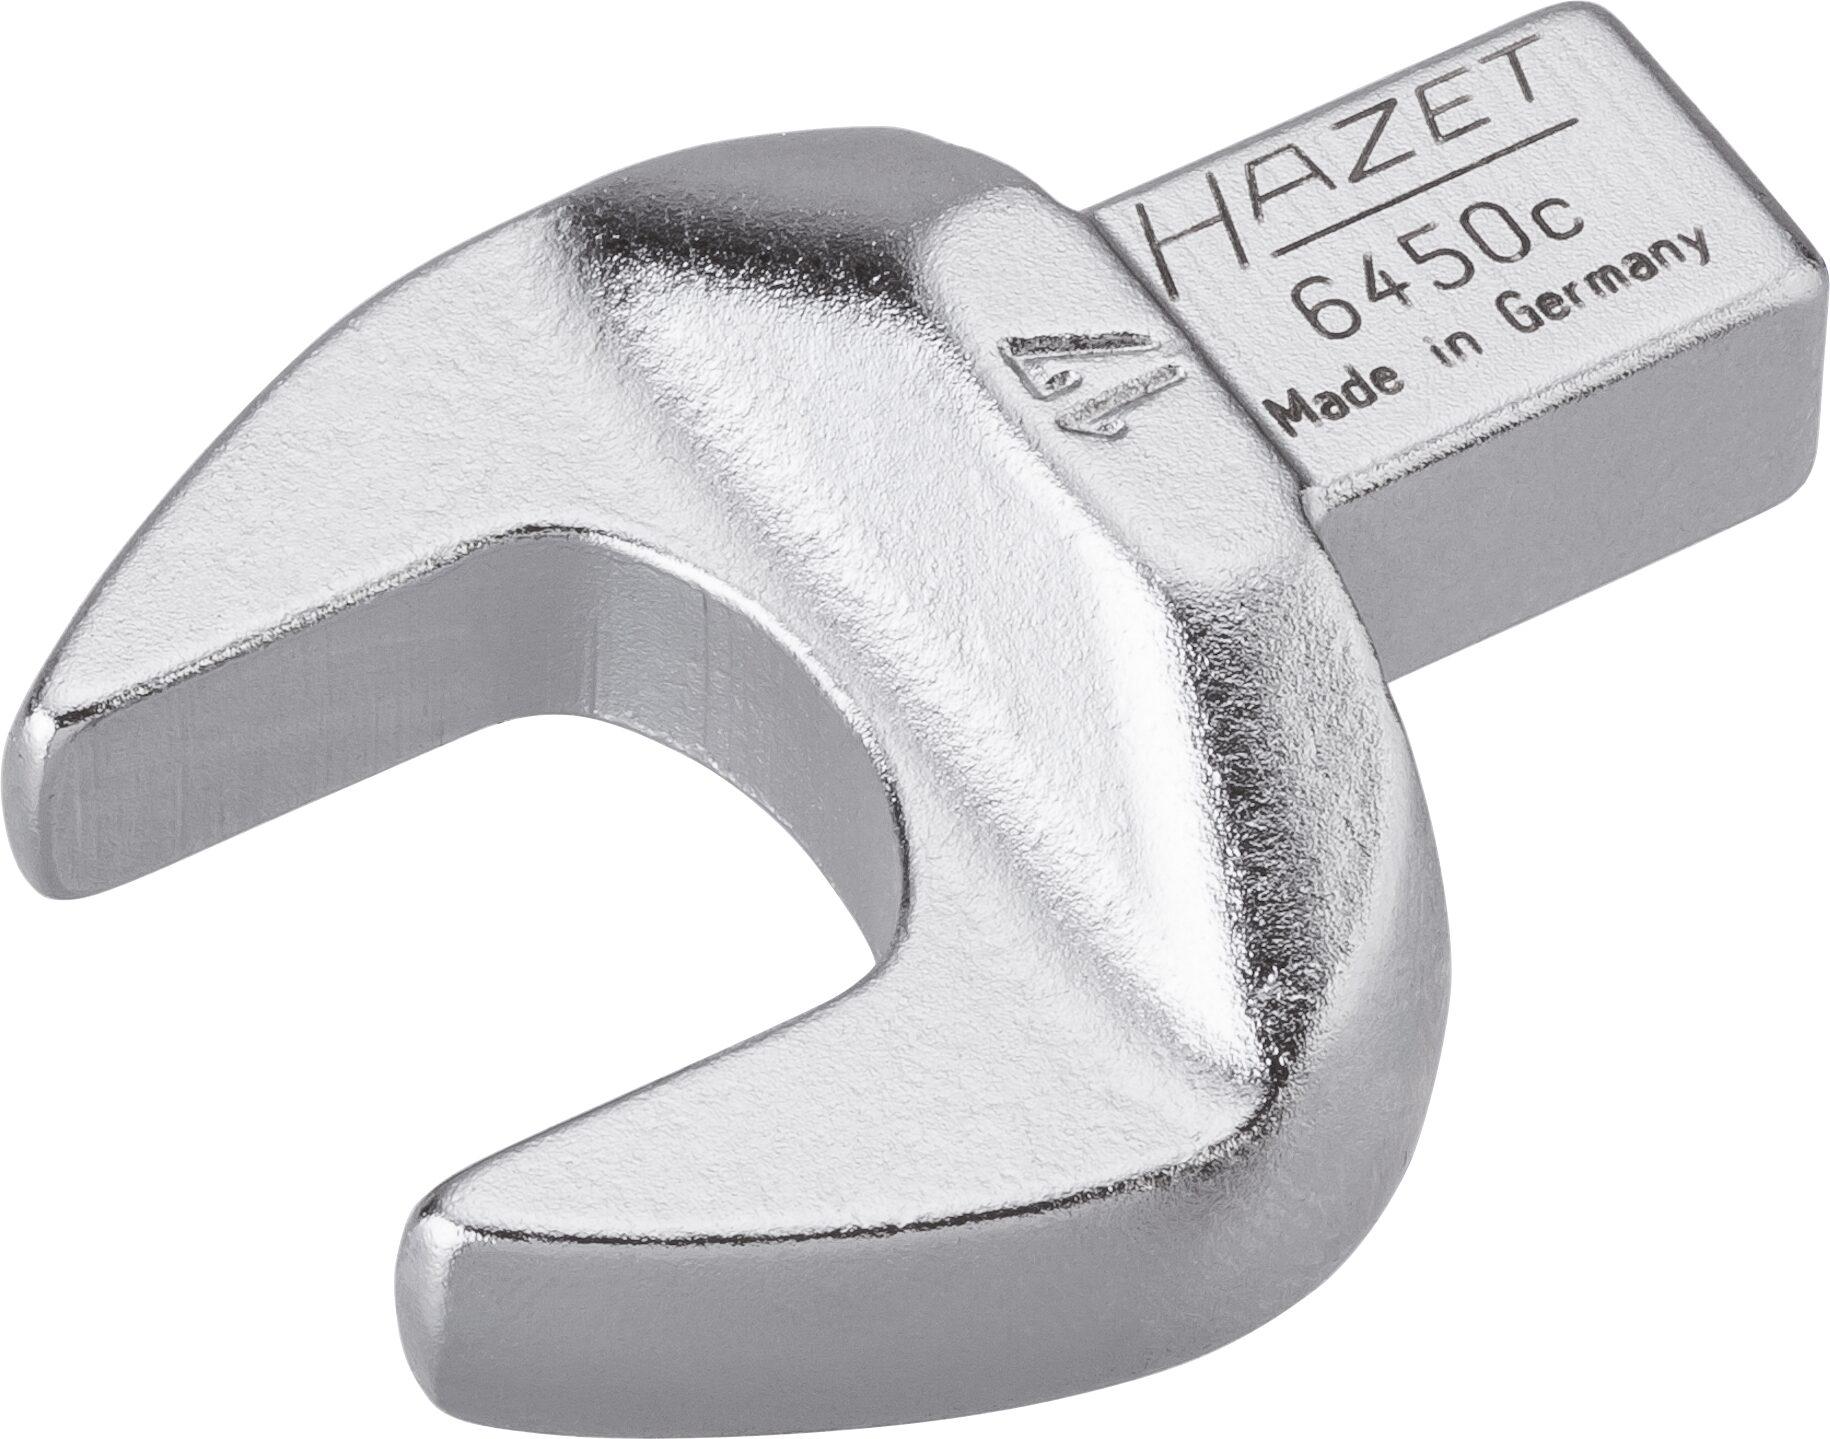 HAZET Einsteck-Maulschlüssel 6450C-17 ∙ Einsteck-Vierkant 9 x 12 mm ∙ Außen-Sechskant Profil ∙ 17 mm